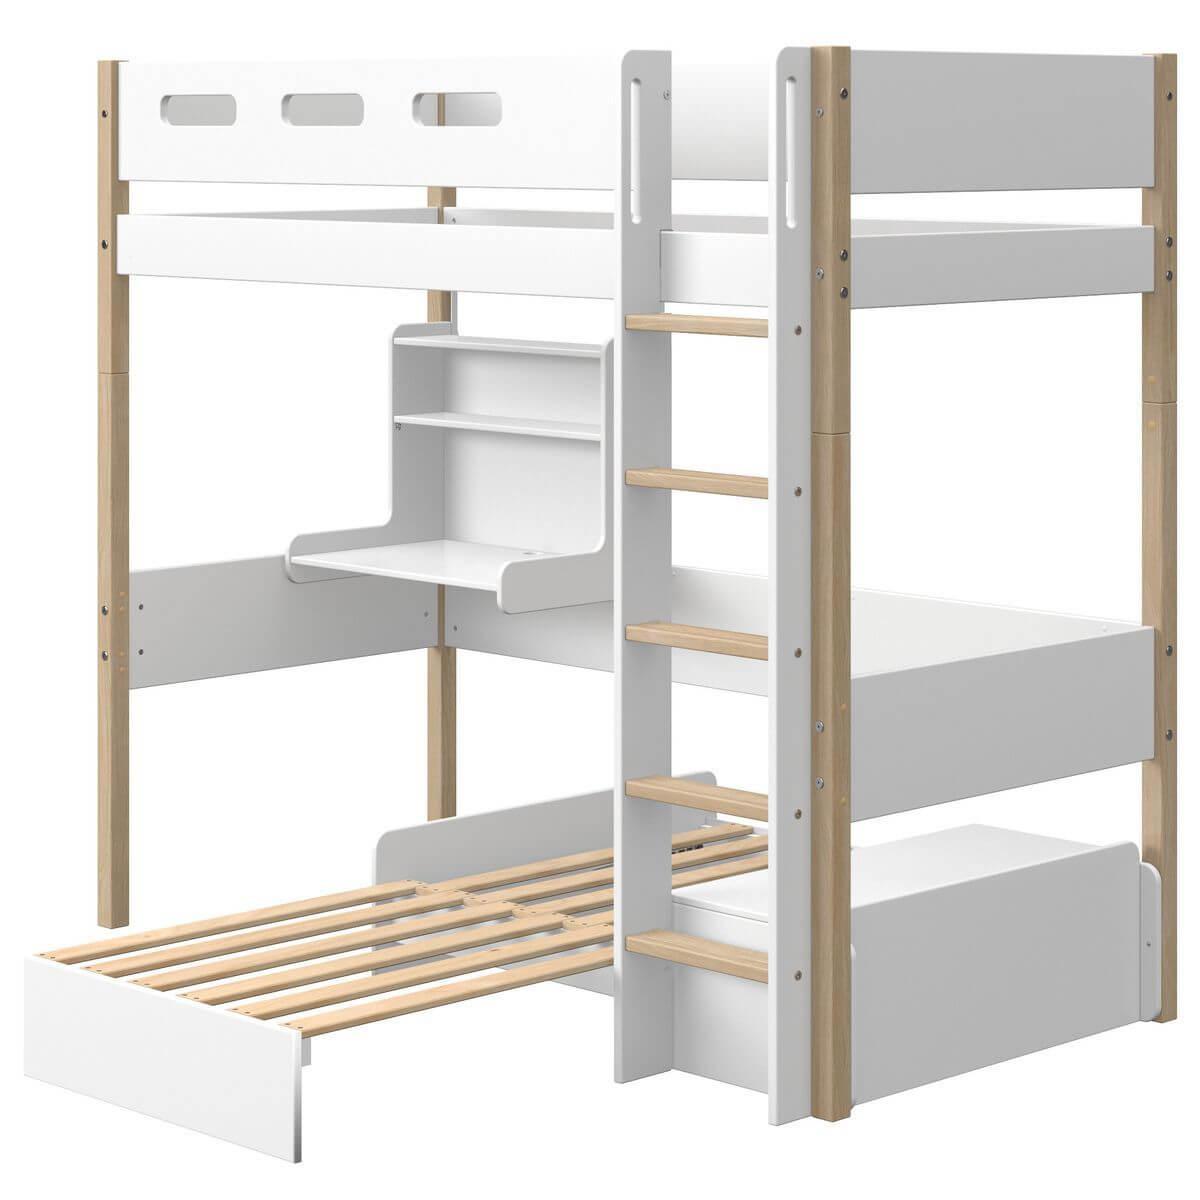 Cama alta 90x190cm módulo casa-escritorio clic NOR Flexa roble-blanco